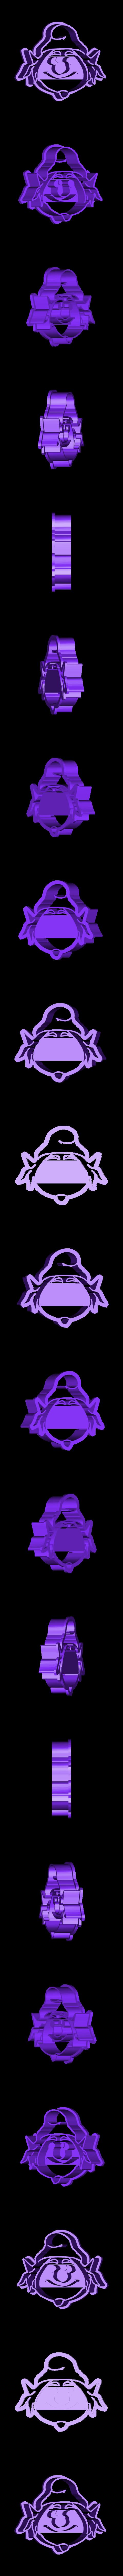 smolko - zly.STL Download STL file Smurf - Hackus - cokie cutter • 3D printable design, dragoboarder